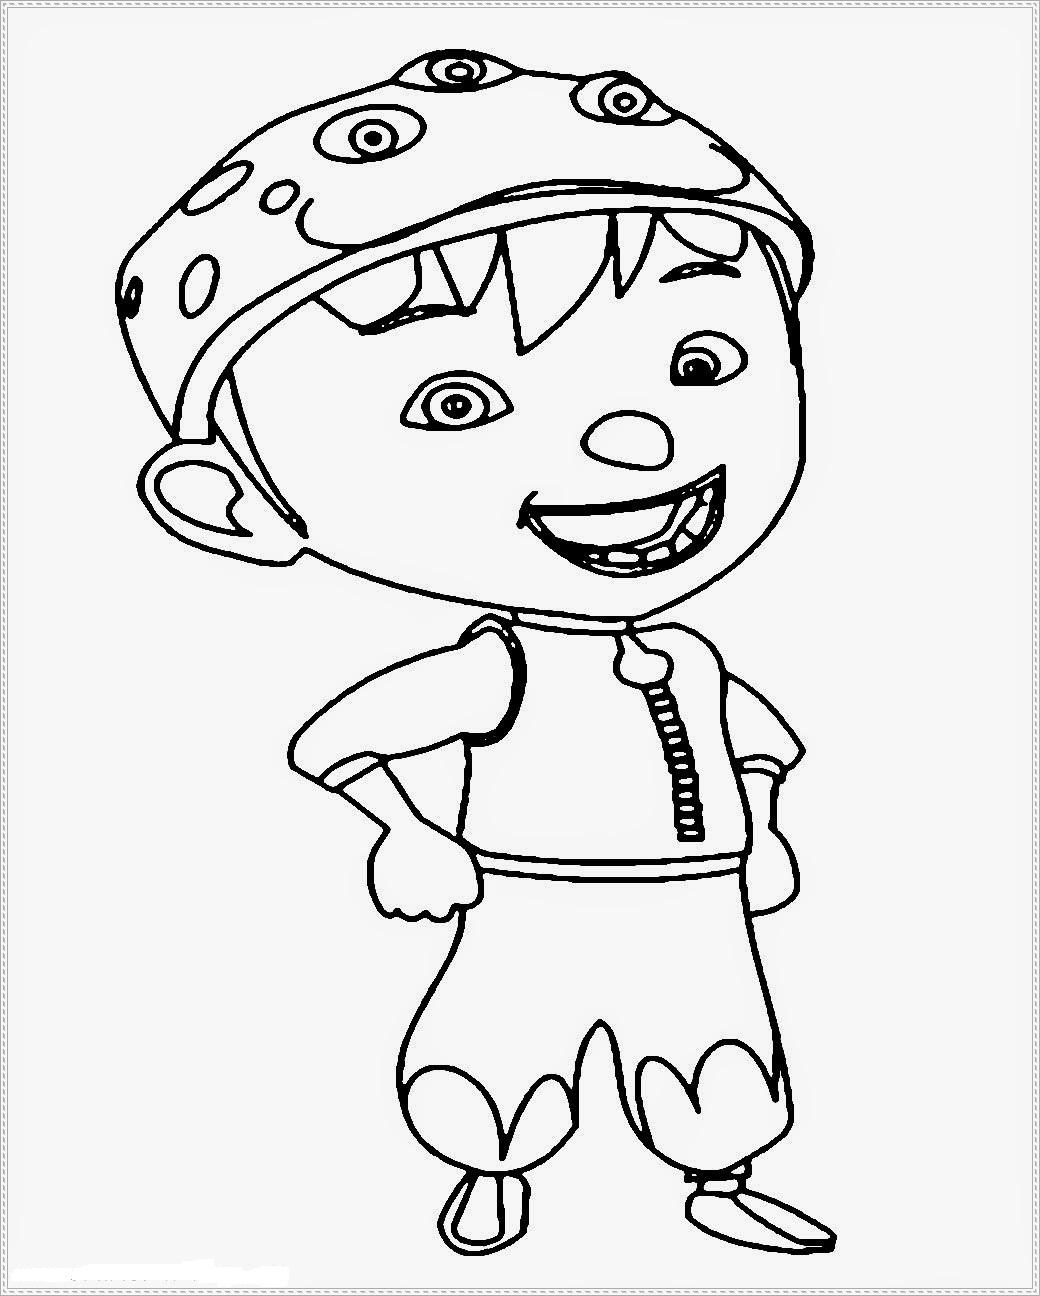 Gambar Kartun Boboiboy Untuk Diwarnai Wwwtollebildcom